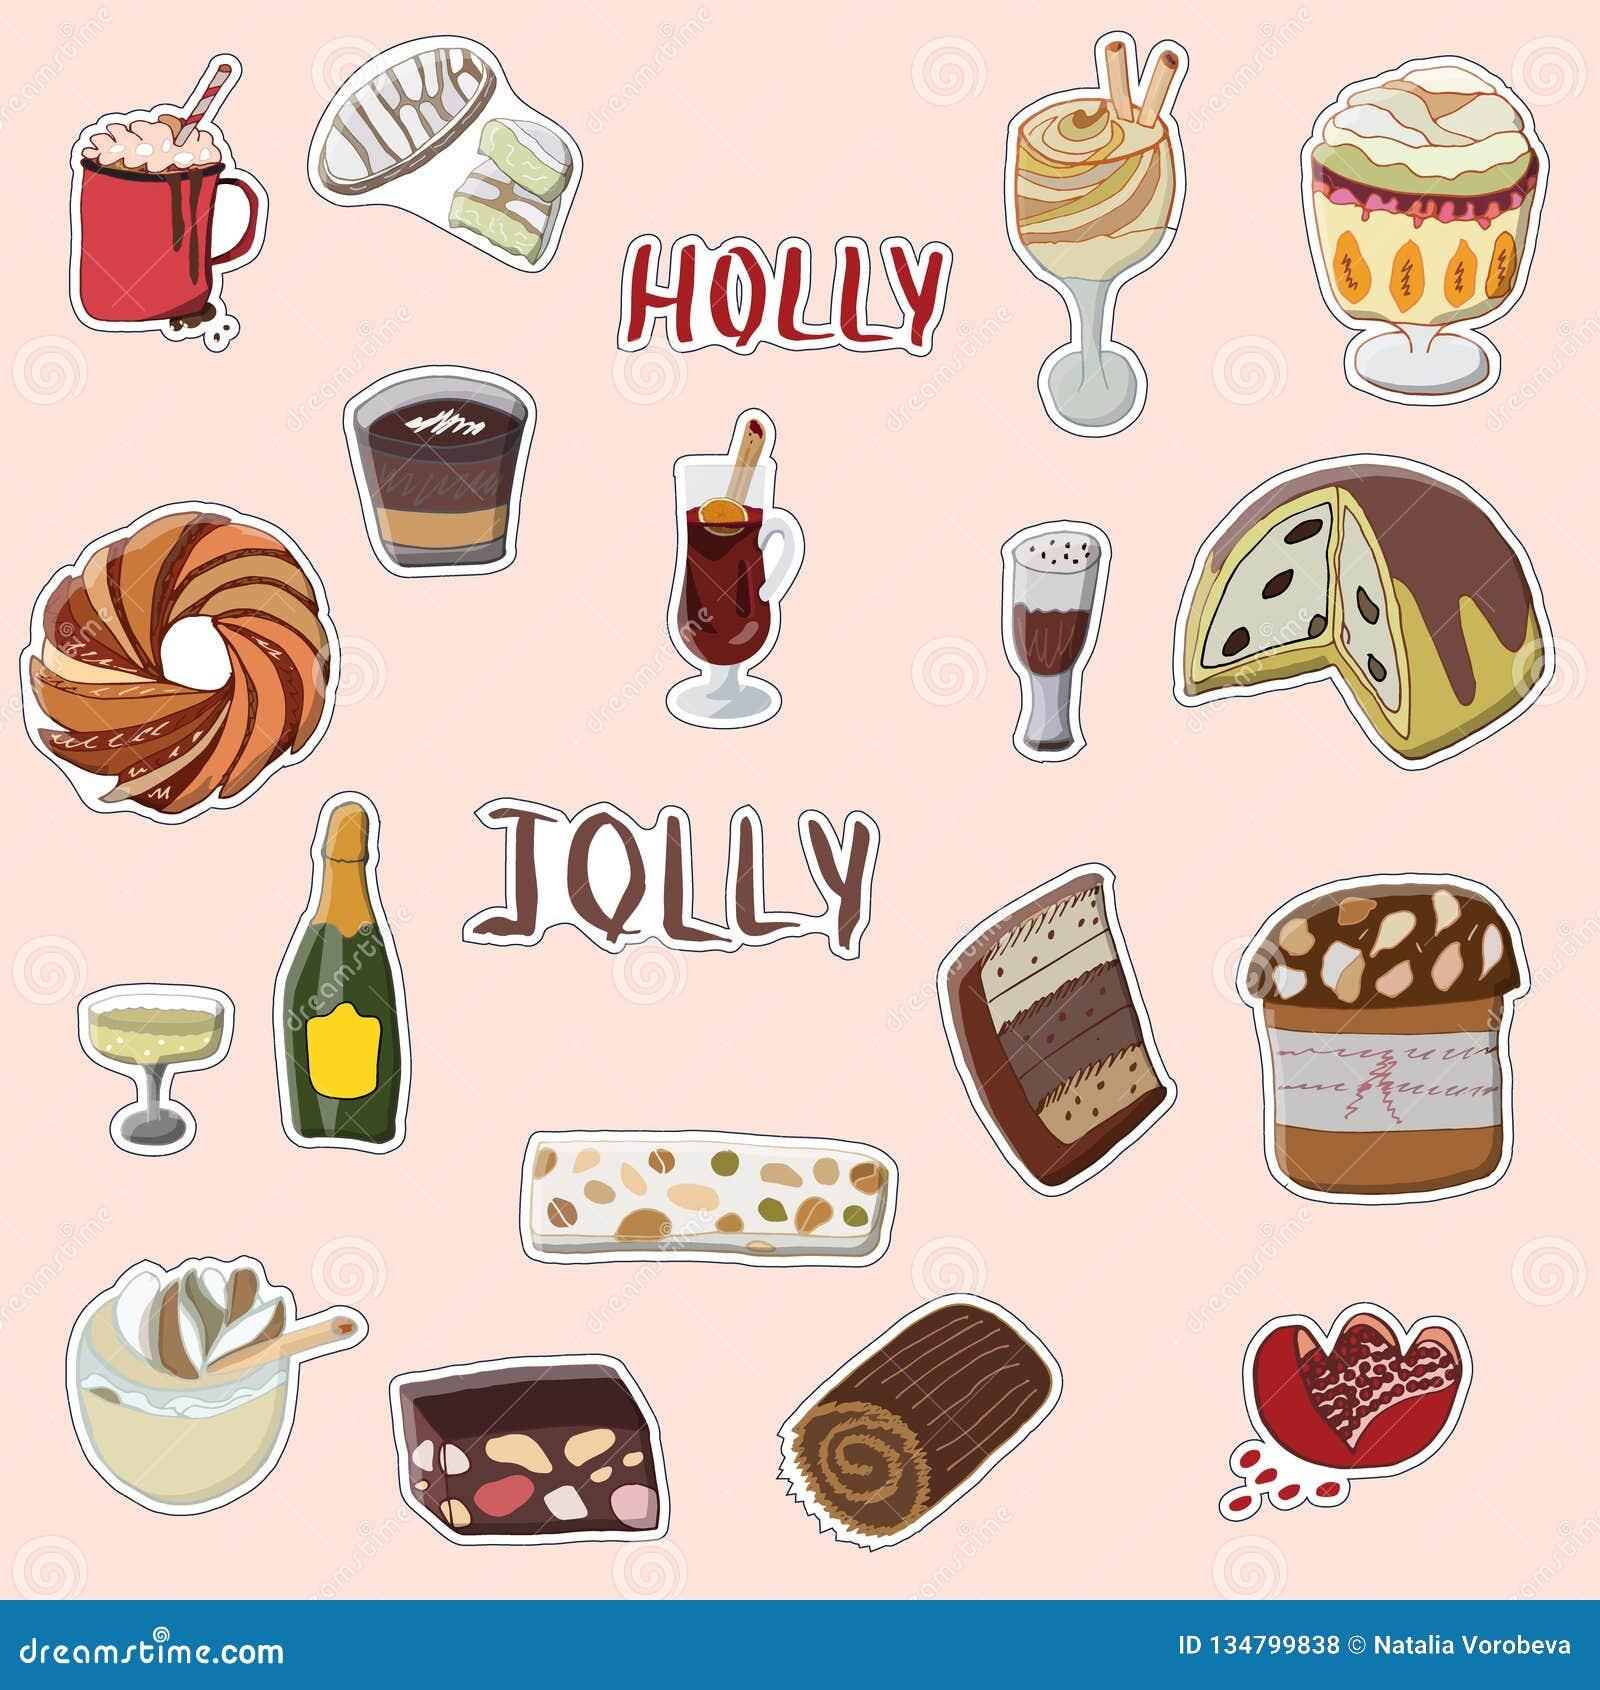 Holly Jolly-Handgezogener Satz festliche Aufkleber